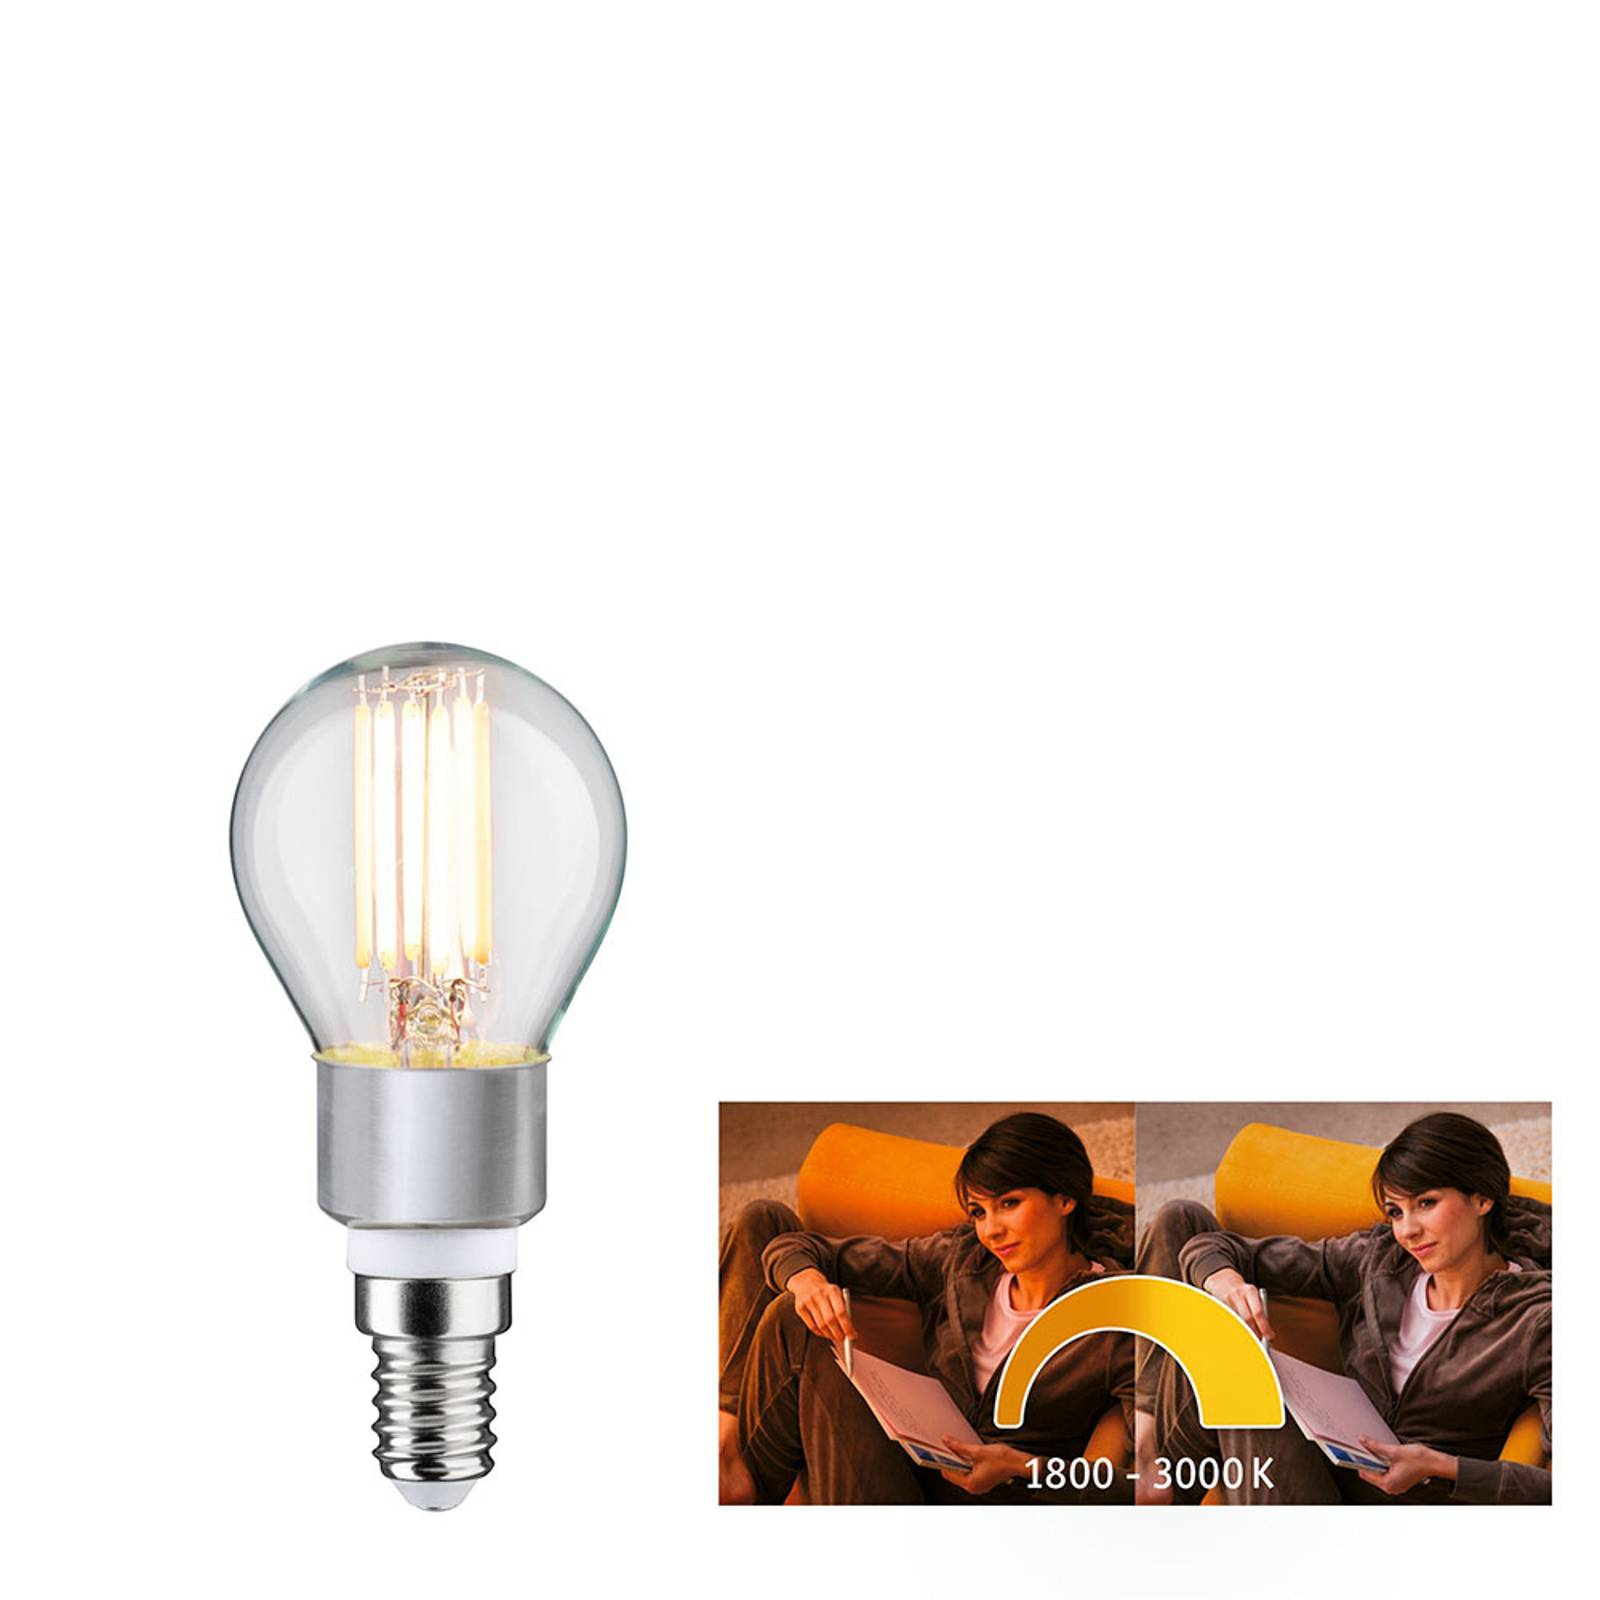 Paulmann goccia LED E14 5W dim to warm